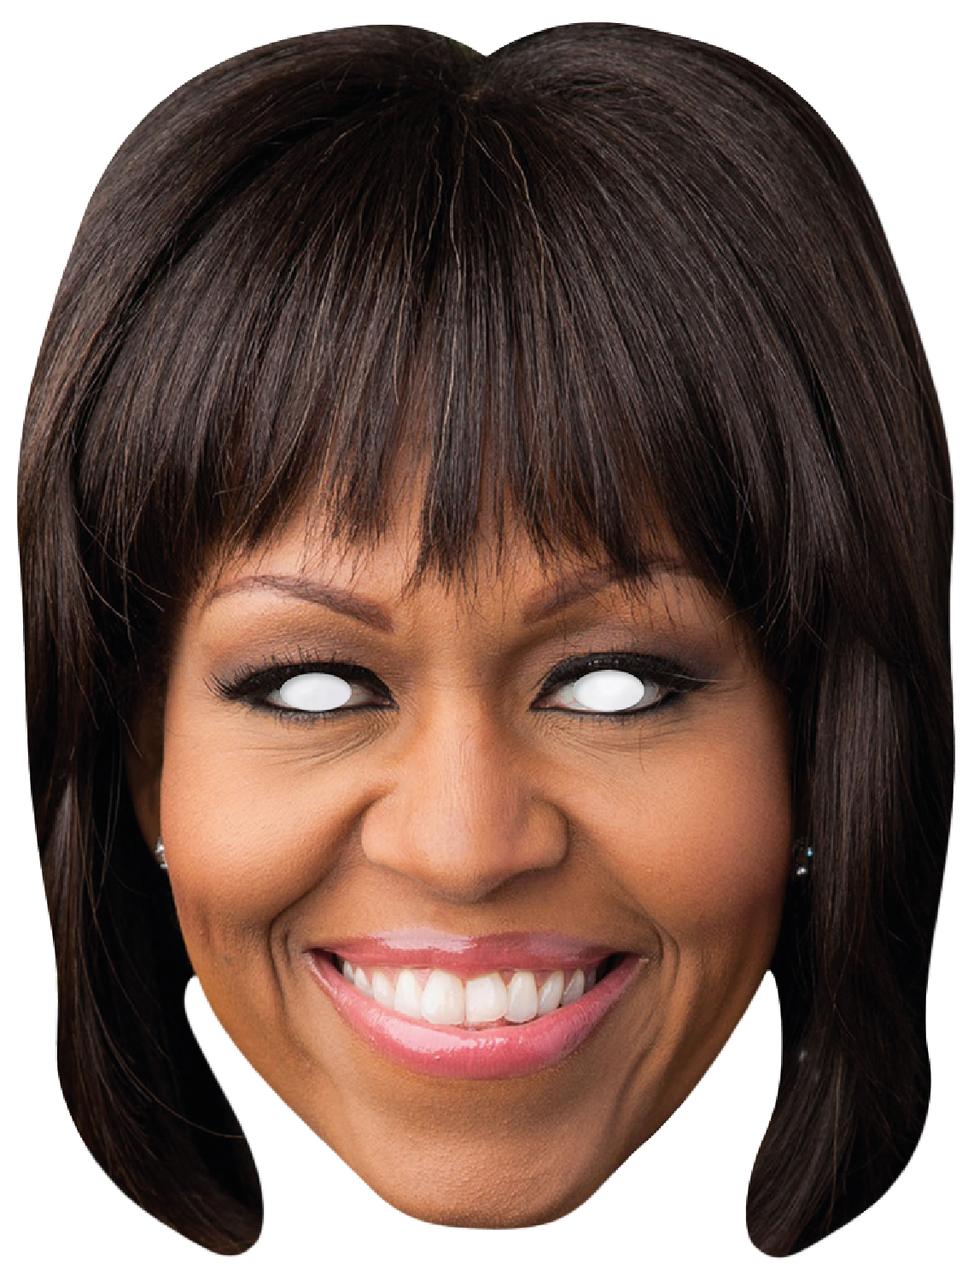 Michelle Obama Fancy Dress Mask Fancy Dress Masks Fancy Dress Michelle Obama